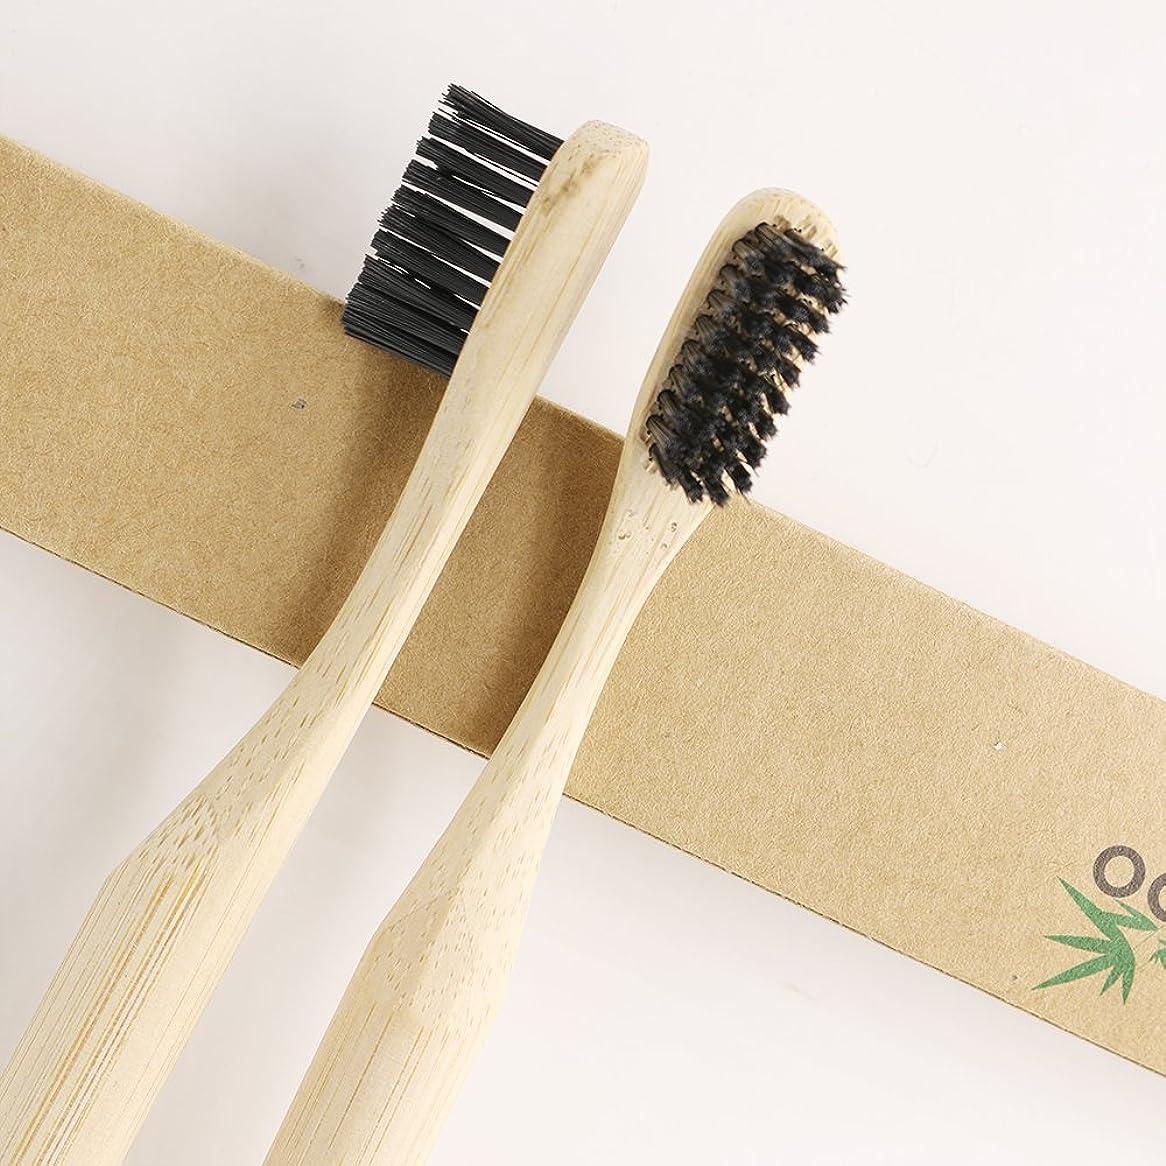 傾く達成可能おとなしいN-amboo 竹製耐久度高い 歯ブラシ  2本入り セット 黒い